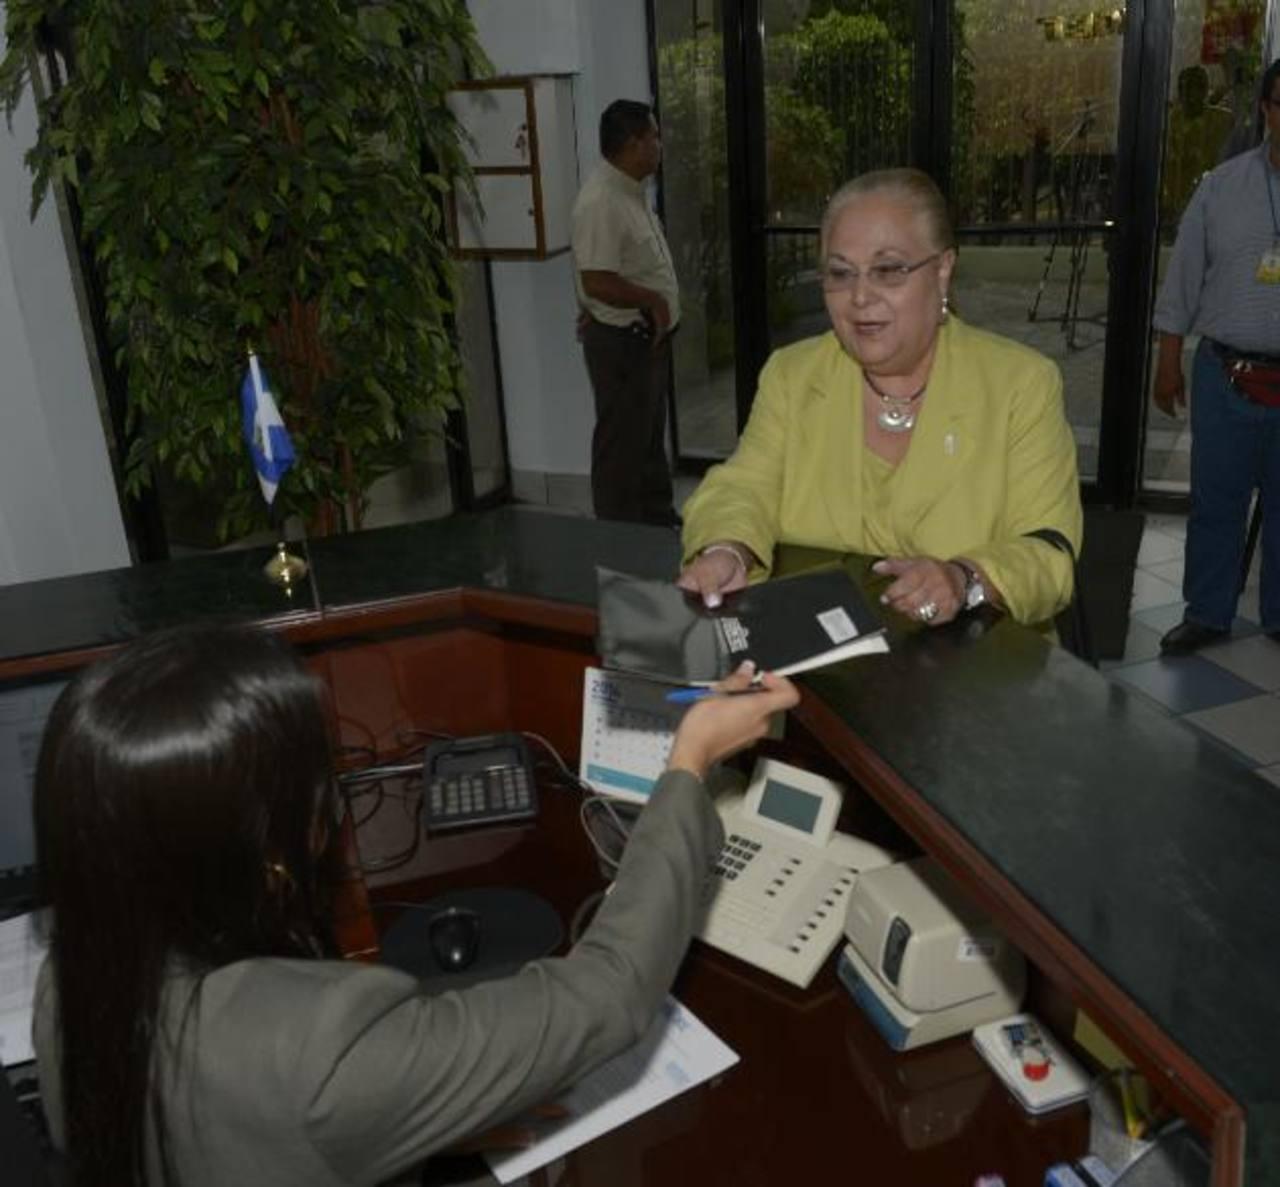 La representante de Asder llegó a la Siget a presentar un aviso para agilizar el cambio de canal. Foto EDH / rené estrada.